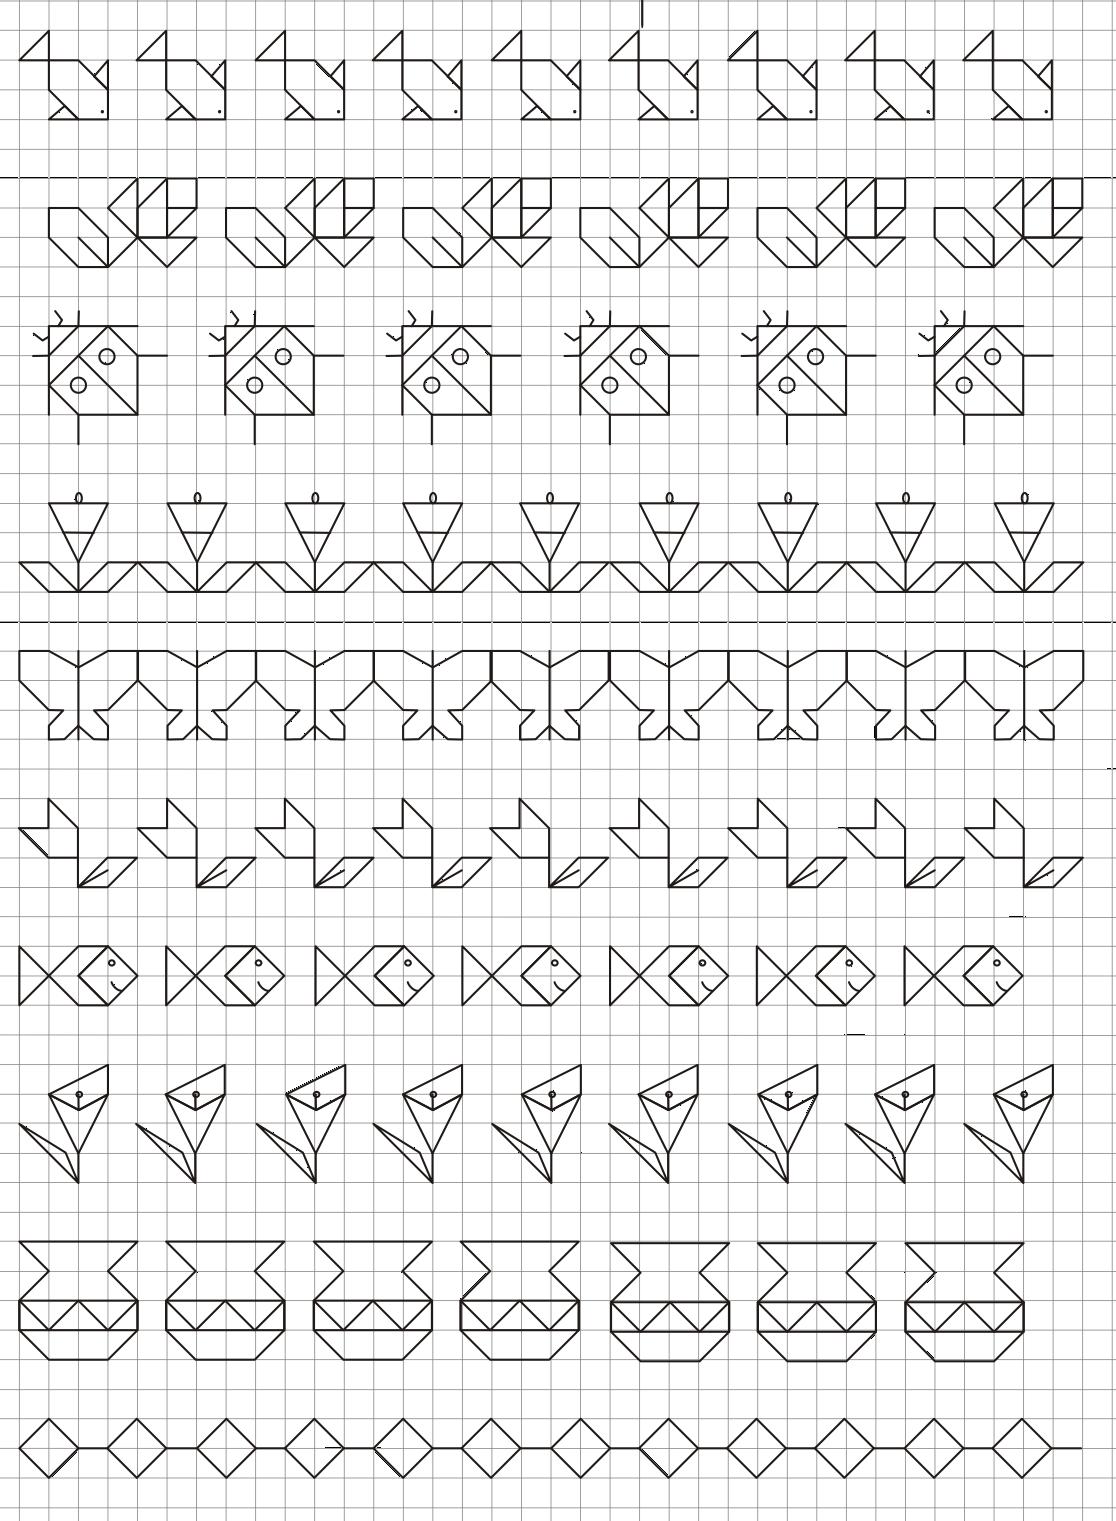 Reproduction Sur Quadrillage 5 | Géométriquement à Reproduction Sur Quadrillage Ce2